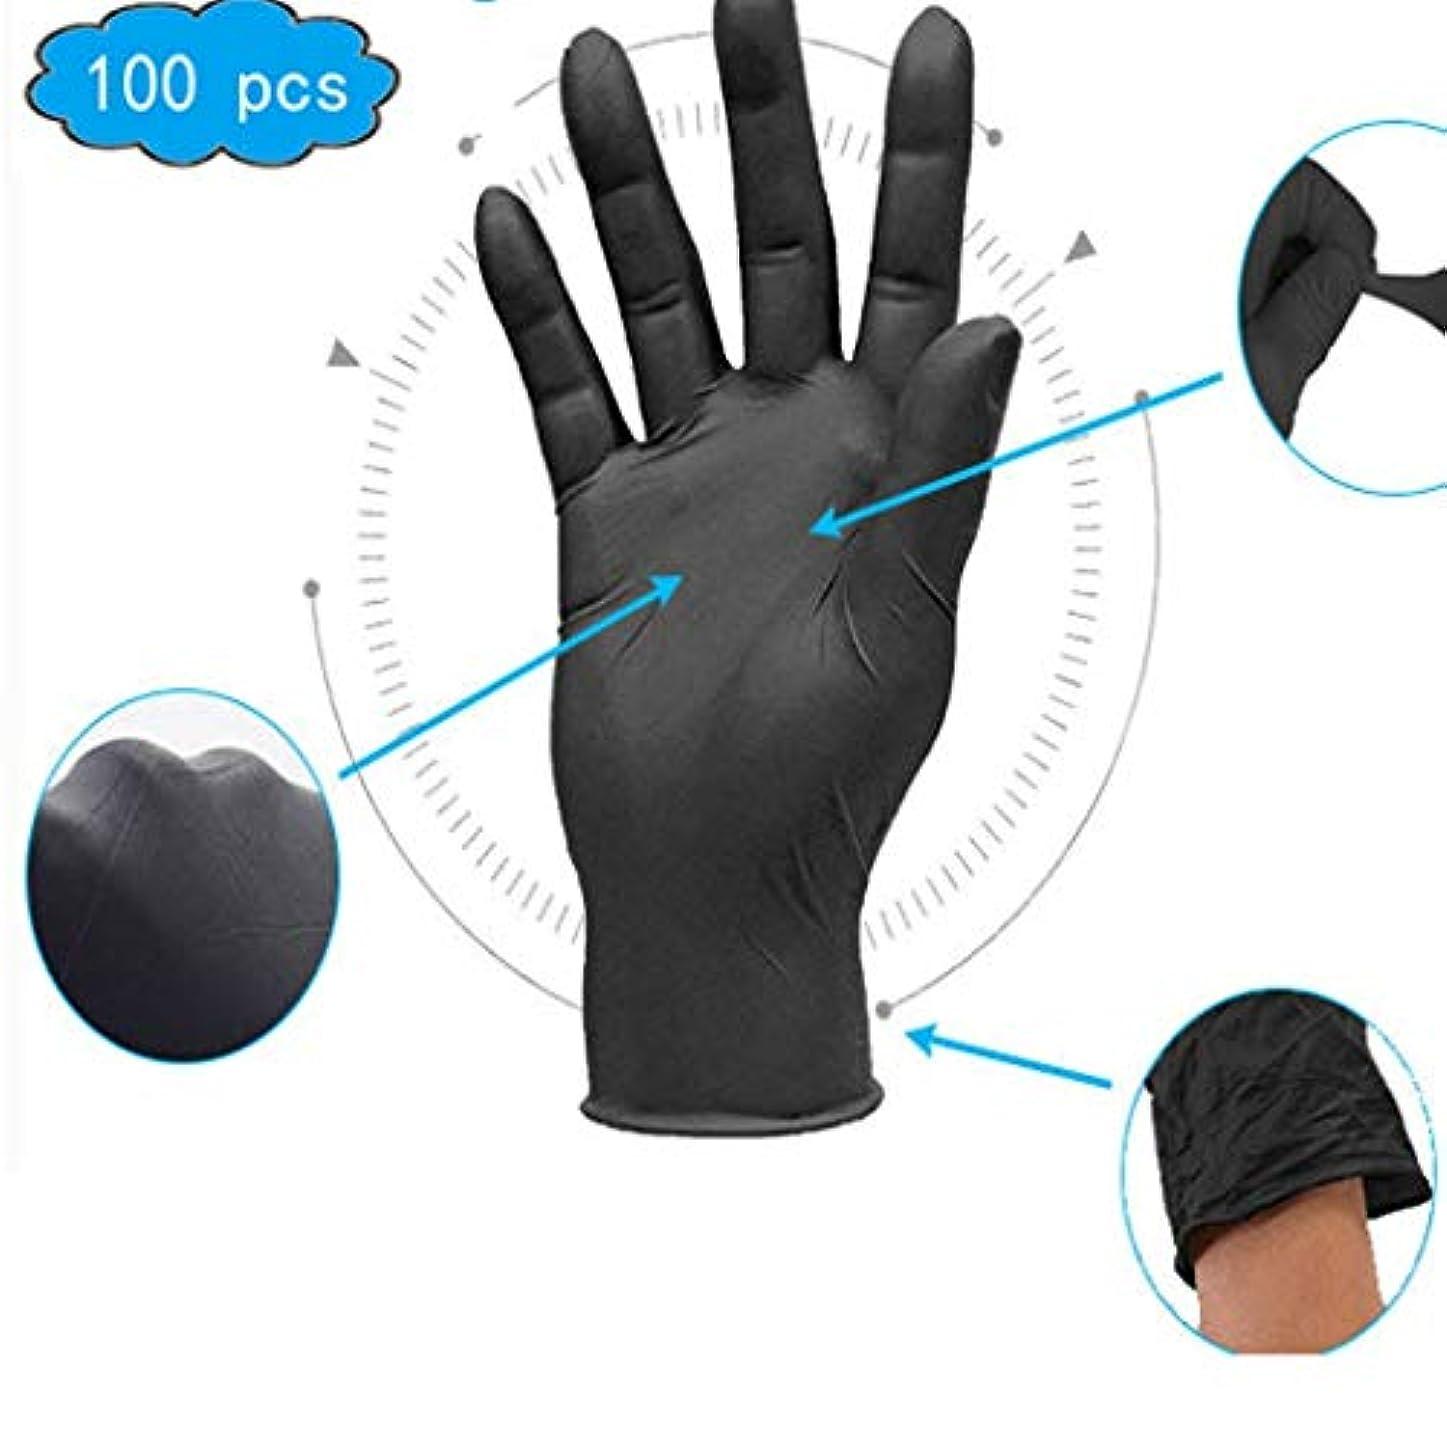 政治的分類症候群ニトリル手袋、医薬品および備品、応急処置用品、産業用使い捨て手袋 - テクスチャード、パウダーフリー、無菌、大型、100個入り、非滅菌の使い捨て安全手袋 (Color : Black, Size : M)